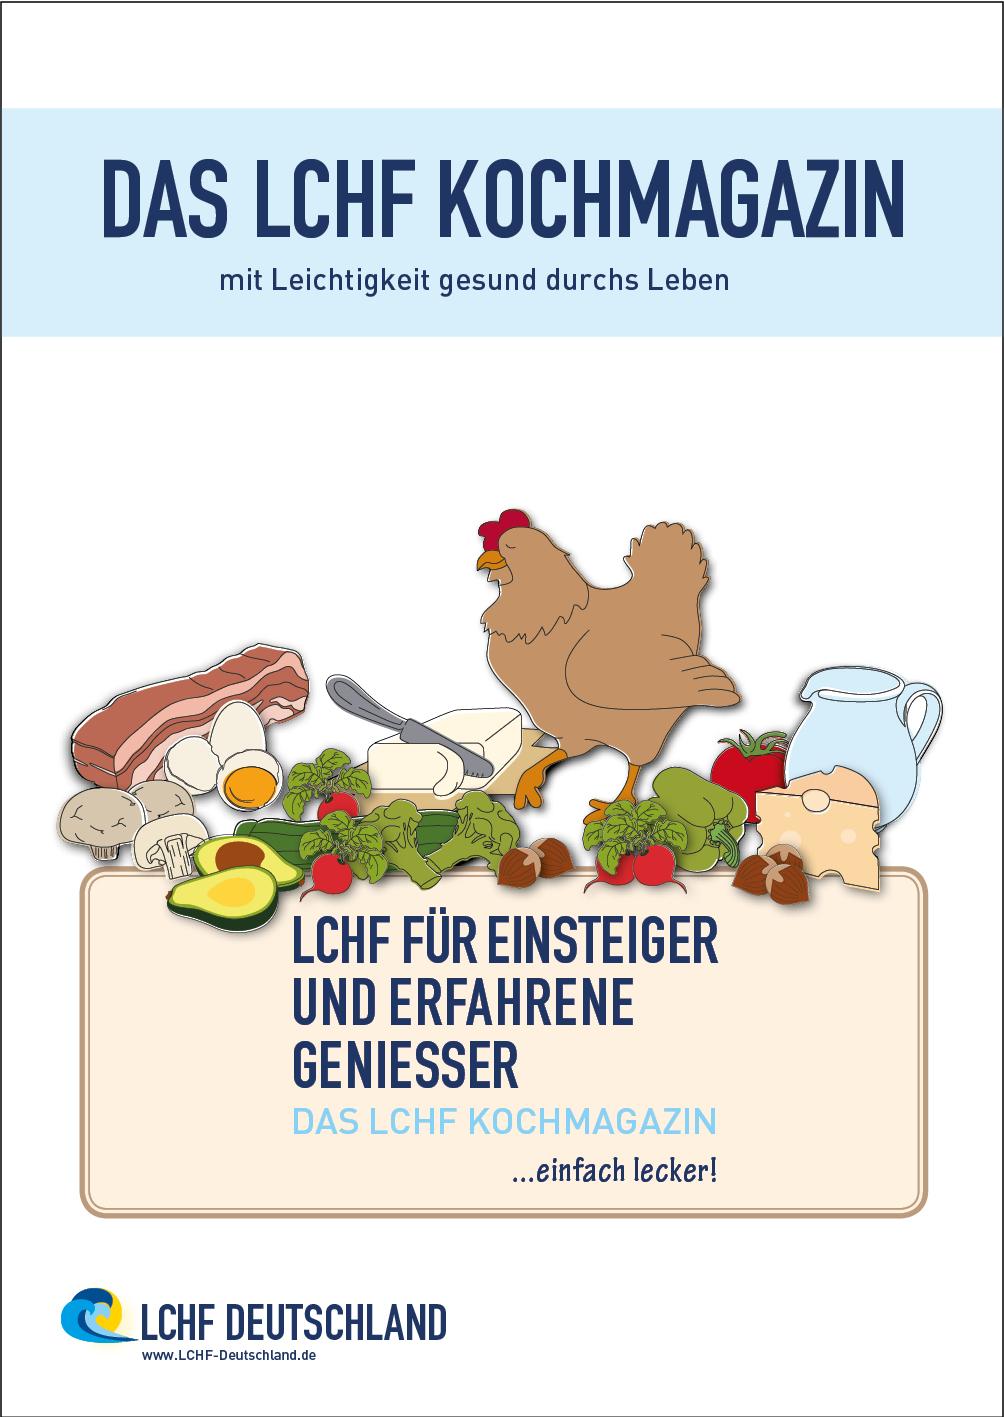 Kochmagazin - LCHF für Einsteiger und erfahrene Geniesser